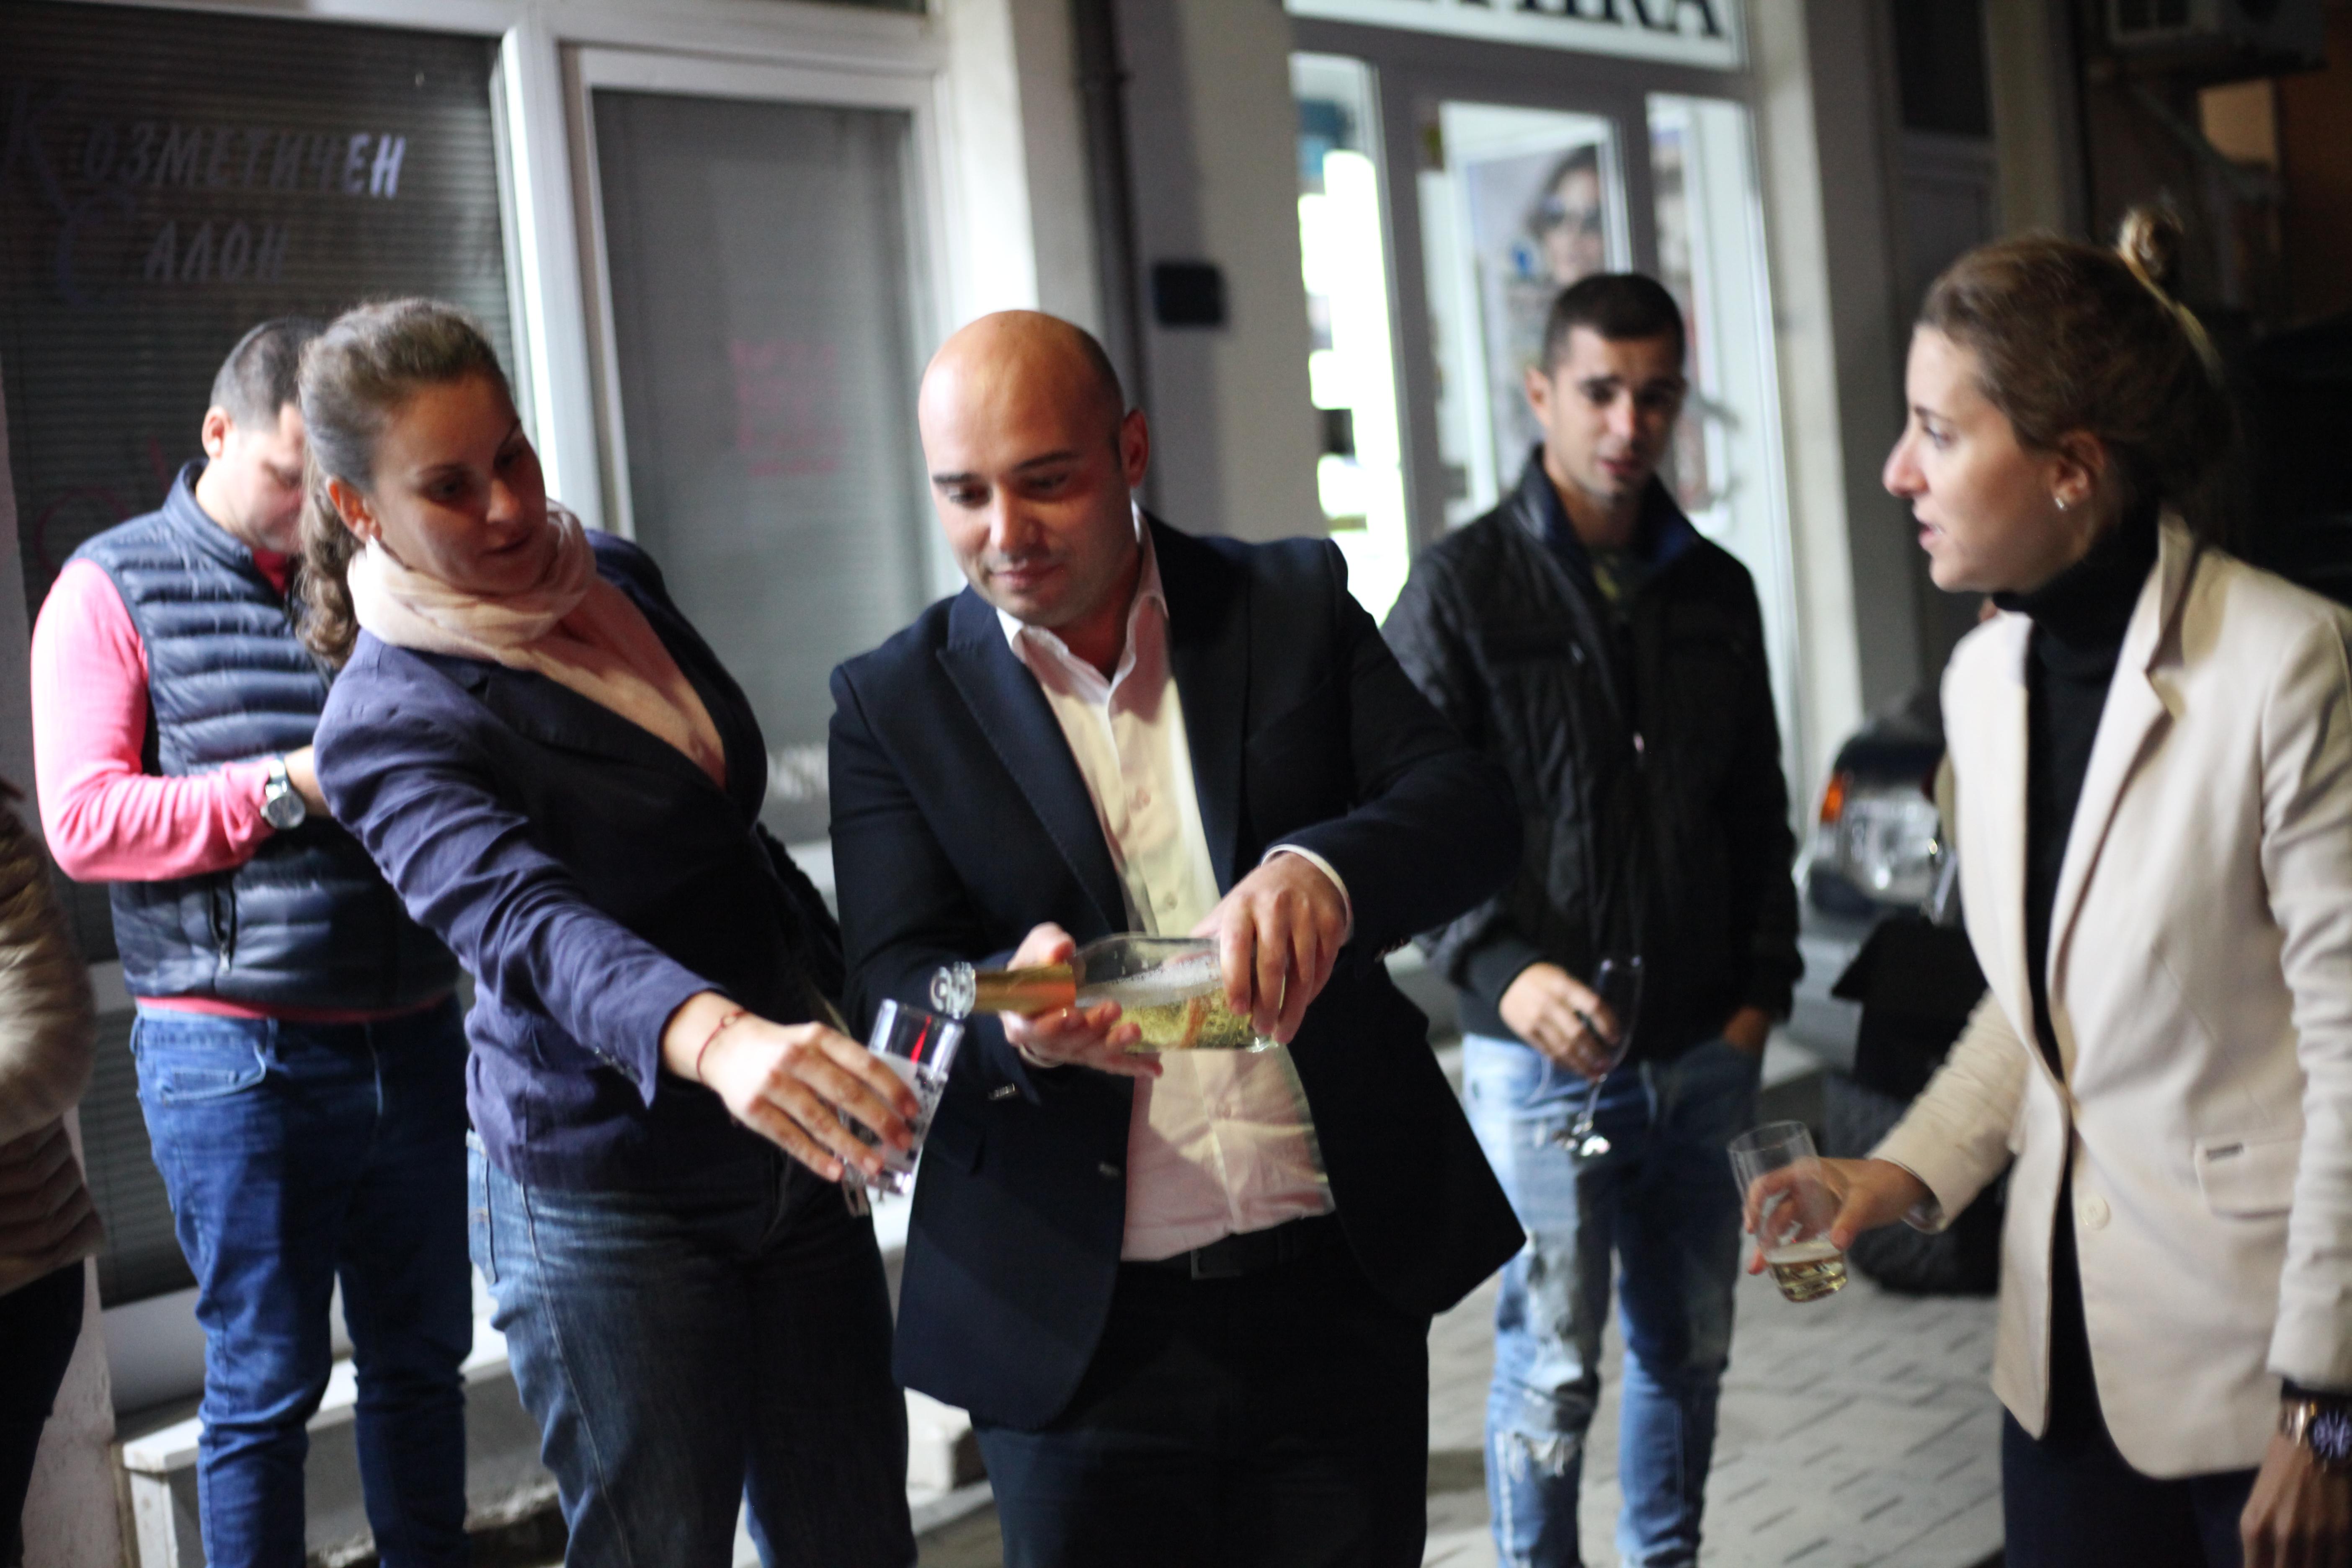 Свиленград вече има избран кмет на първи тур и това е архитект Анастас Карчев. Това сочат данните, с които разполагат партийните щабове. Арх. Карчев е избран с 62% от гласоподавателите, а от щаба му гръмнаха бутилка с шампанското.